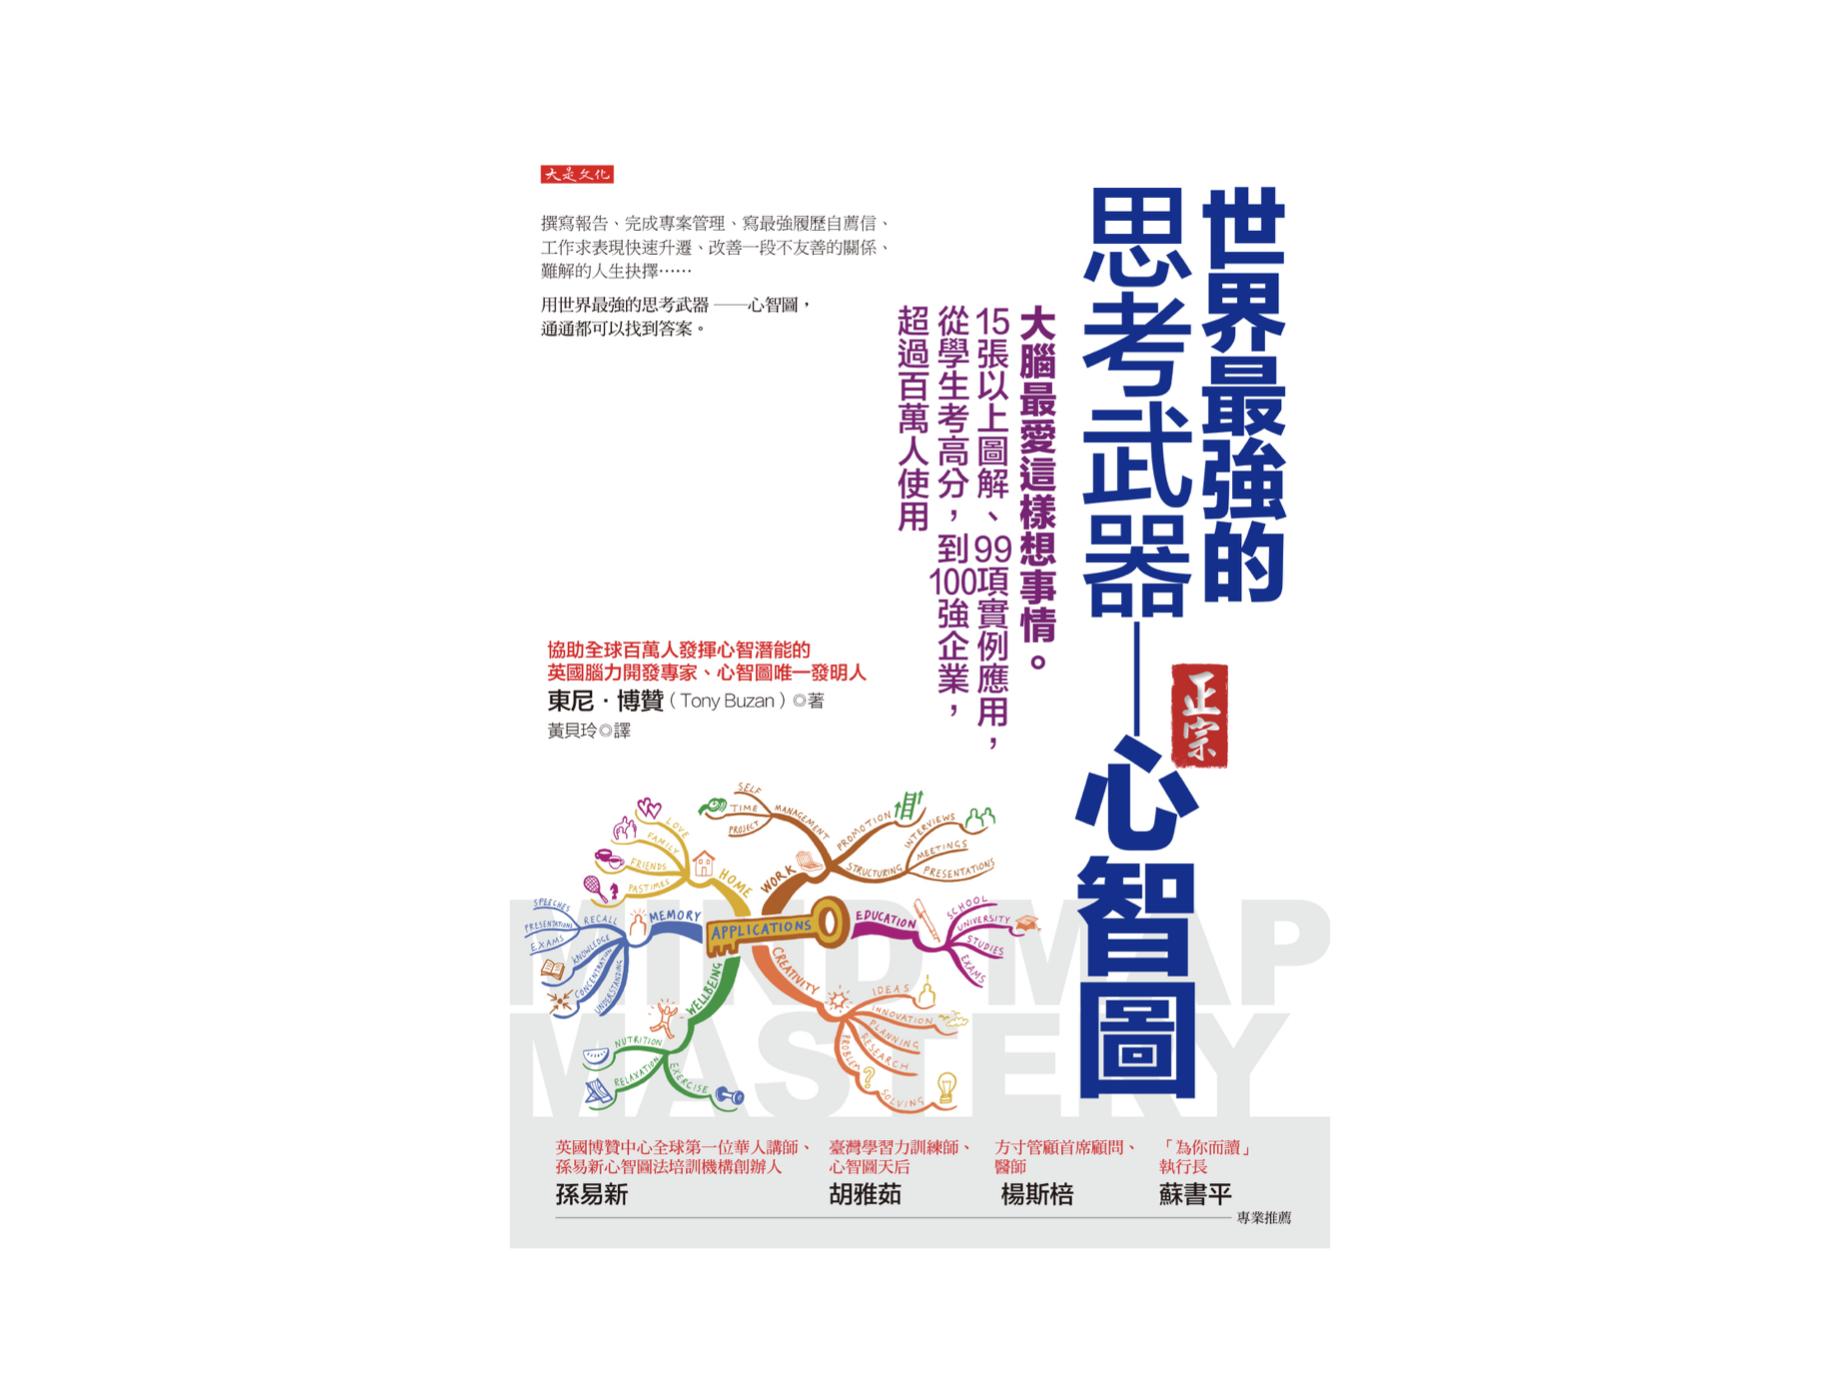 新書搶先看》世界最強的思考武器:心智圖,圖解與實例應用